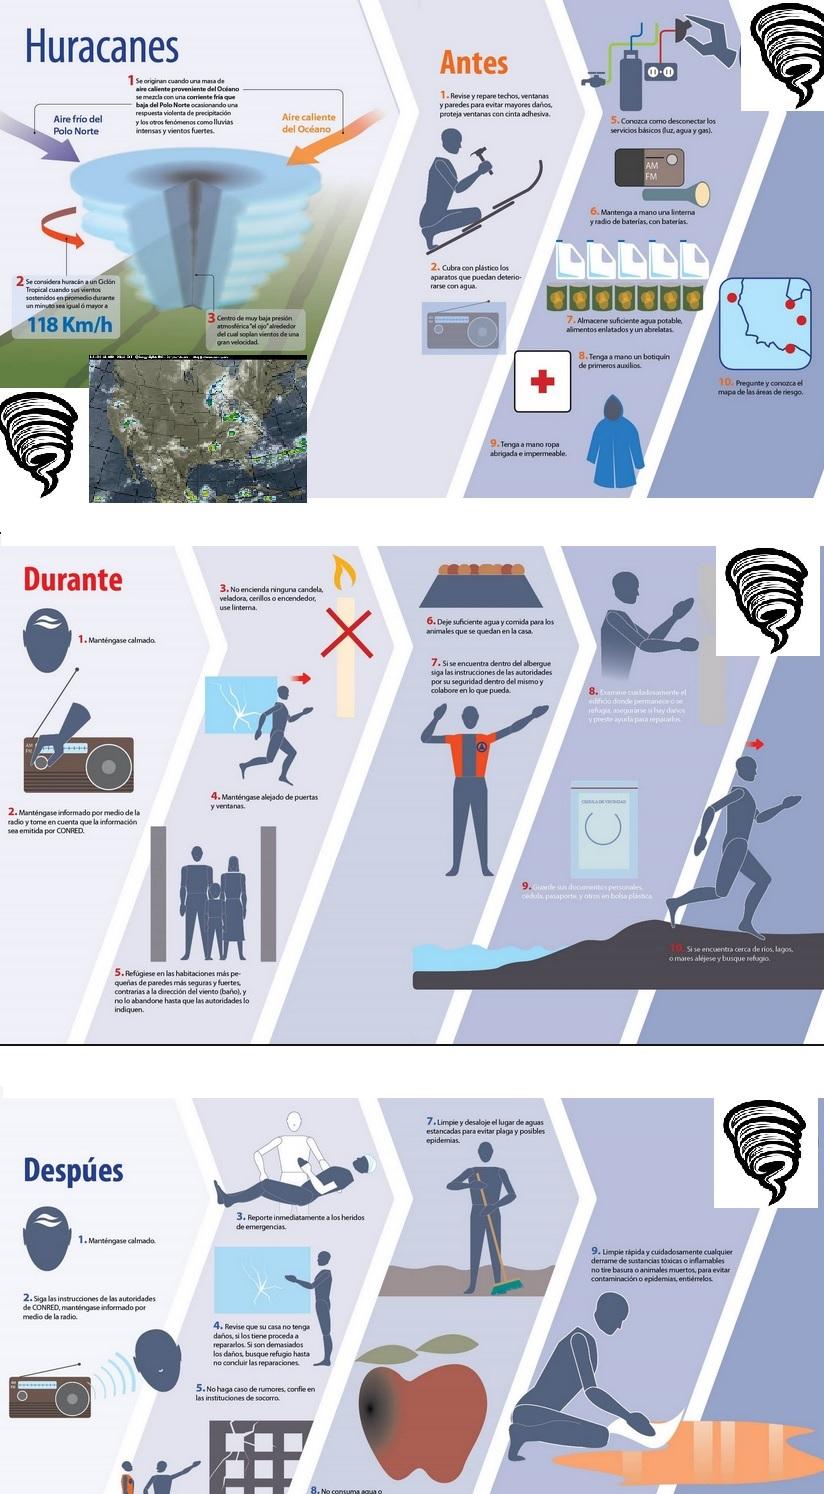 plan-contingencia-huracanes-mexico.jpg